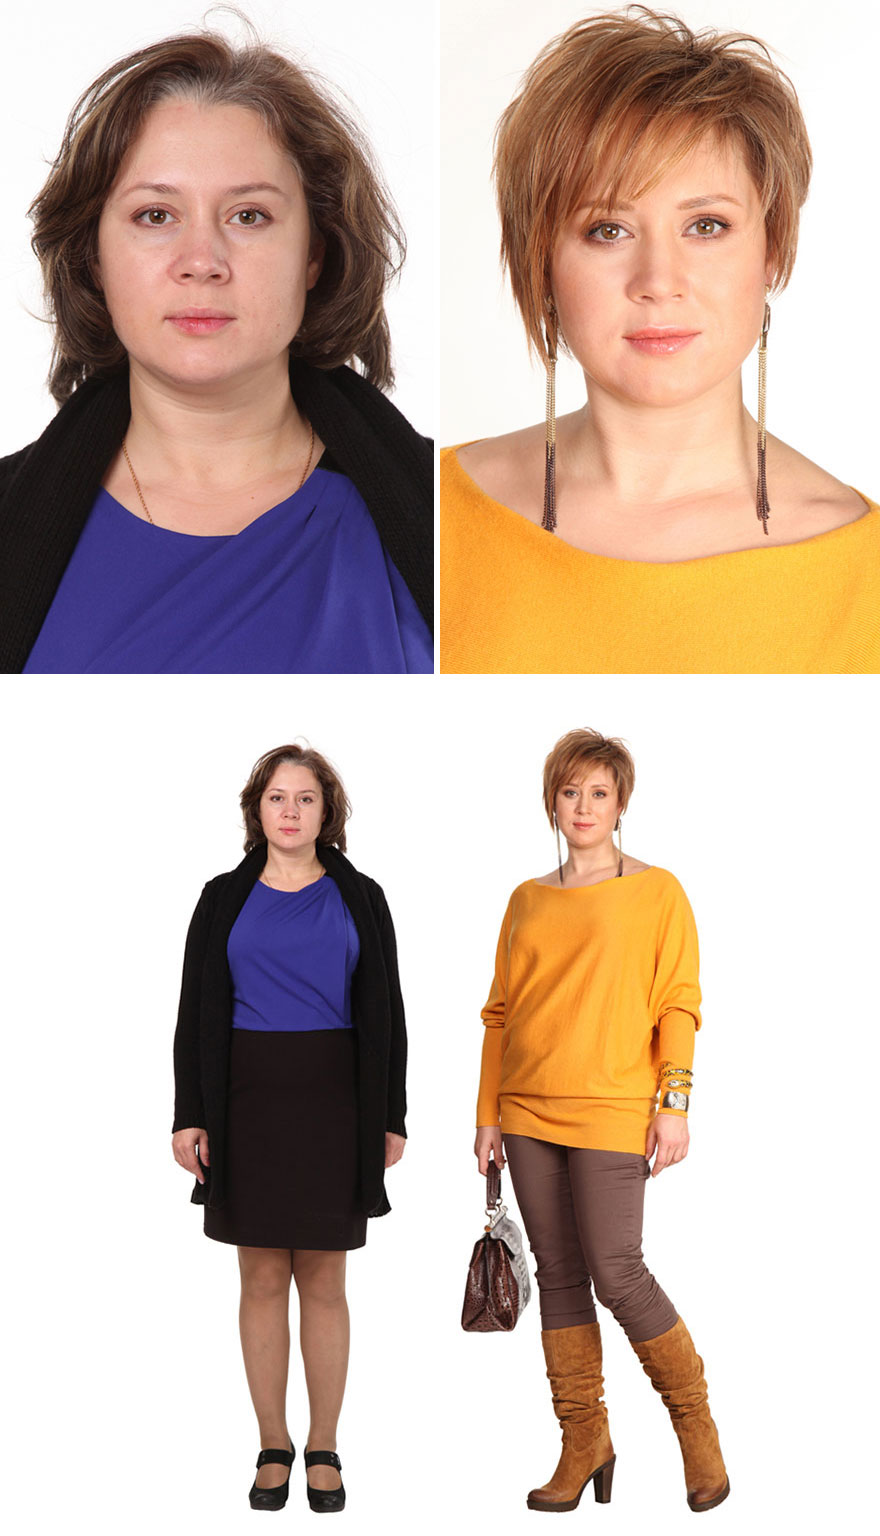 Mujeres normales consiguen look de modelos impactantes for Extensiones antes y despues